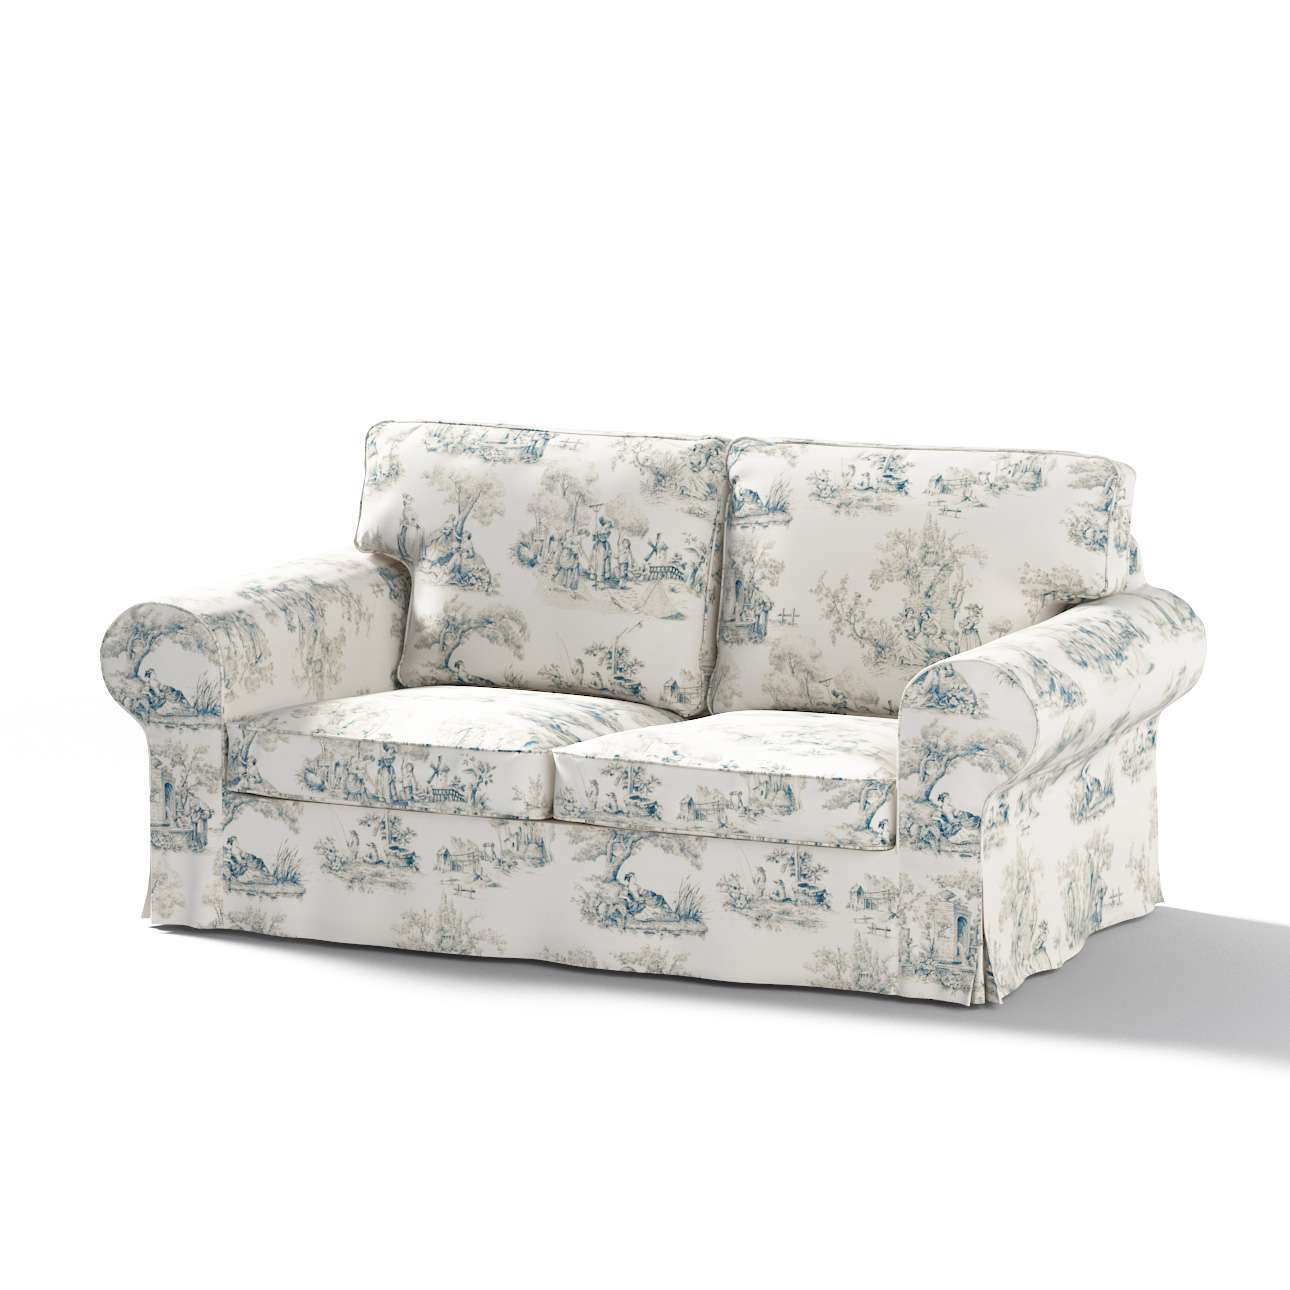 Ektorp 2-Sitzer Schlafsofabezug  ALTES Modell Sofabezug Ektorp 2-Sitzer Schlafsofa altes Modell von der Kollektion Avinon, Stoff: 132-66